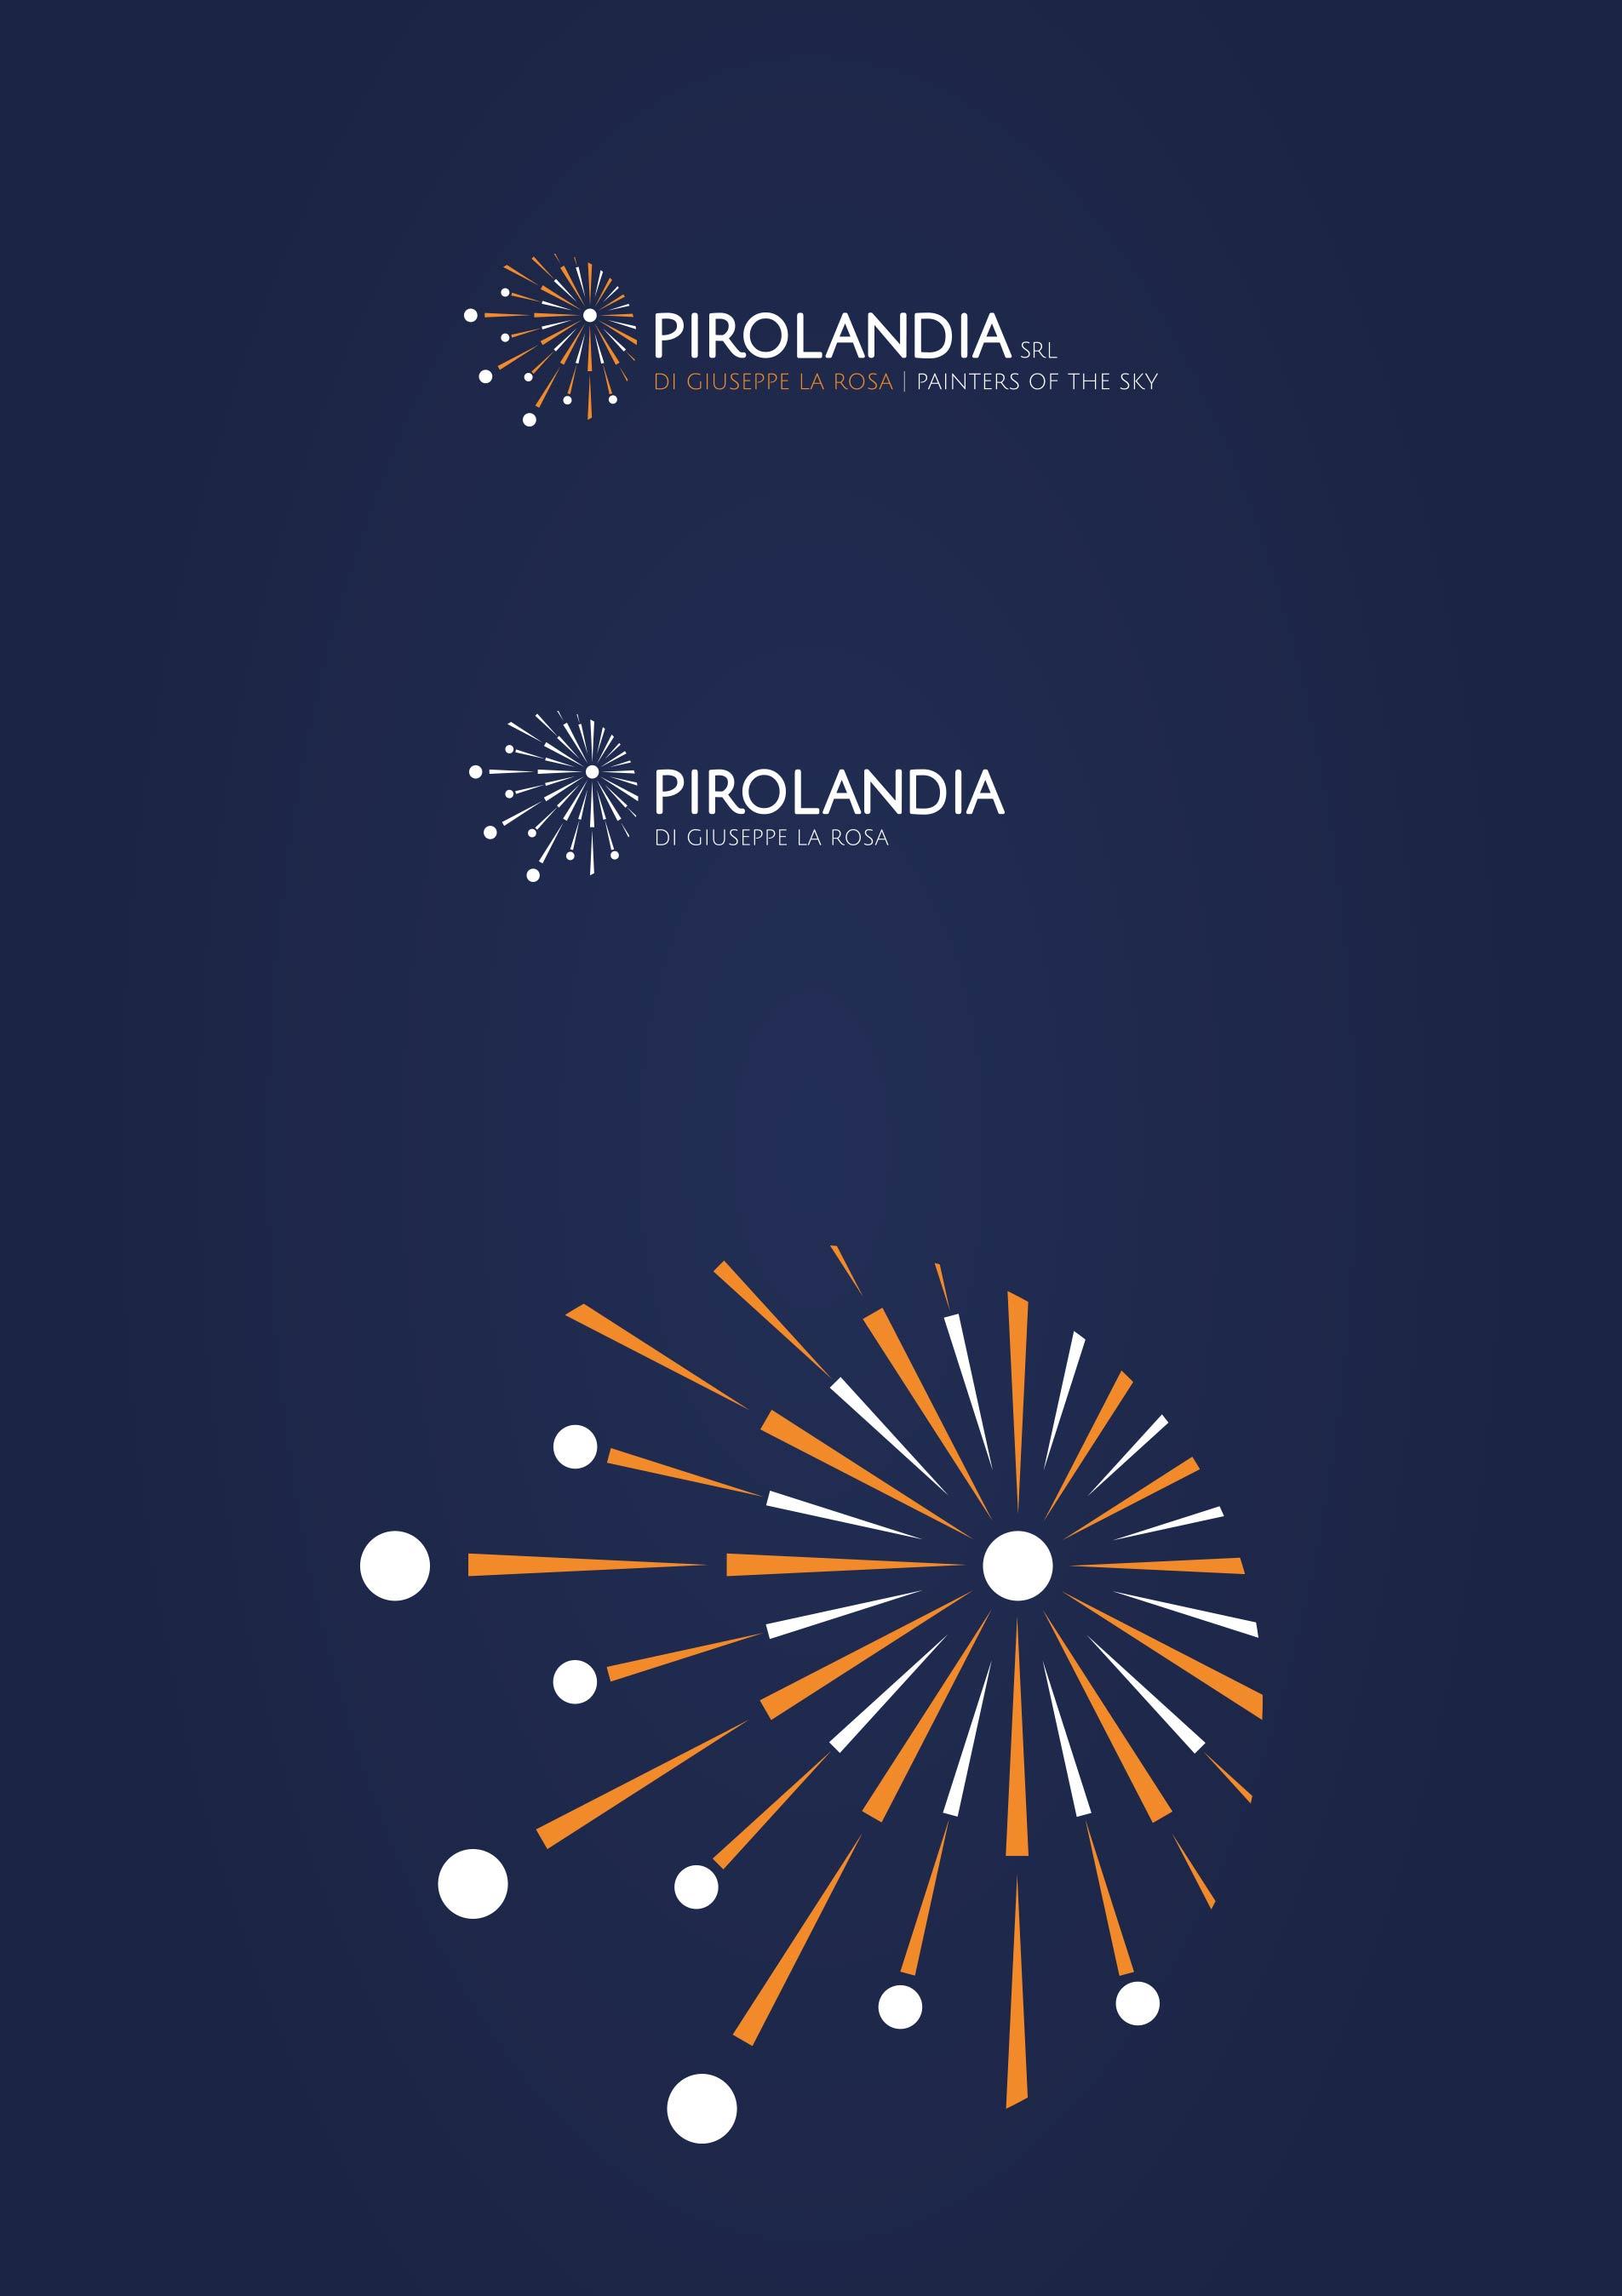 Logo e immagine coordinata azienda spettacoli pirotecnici